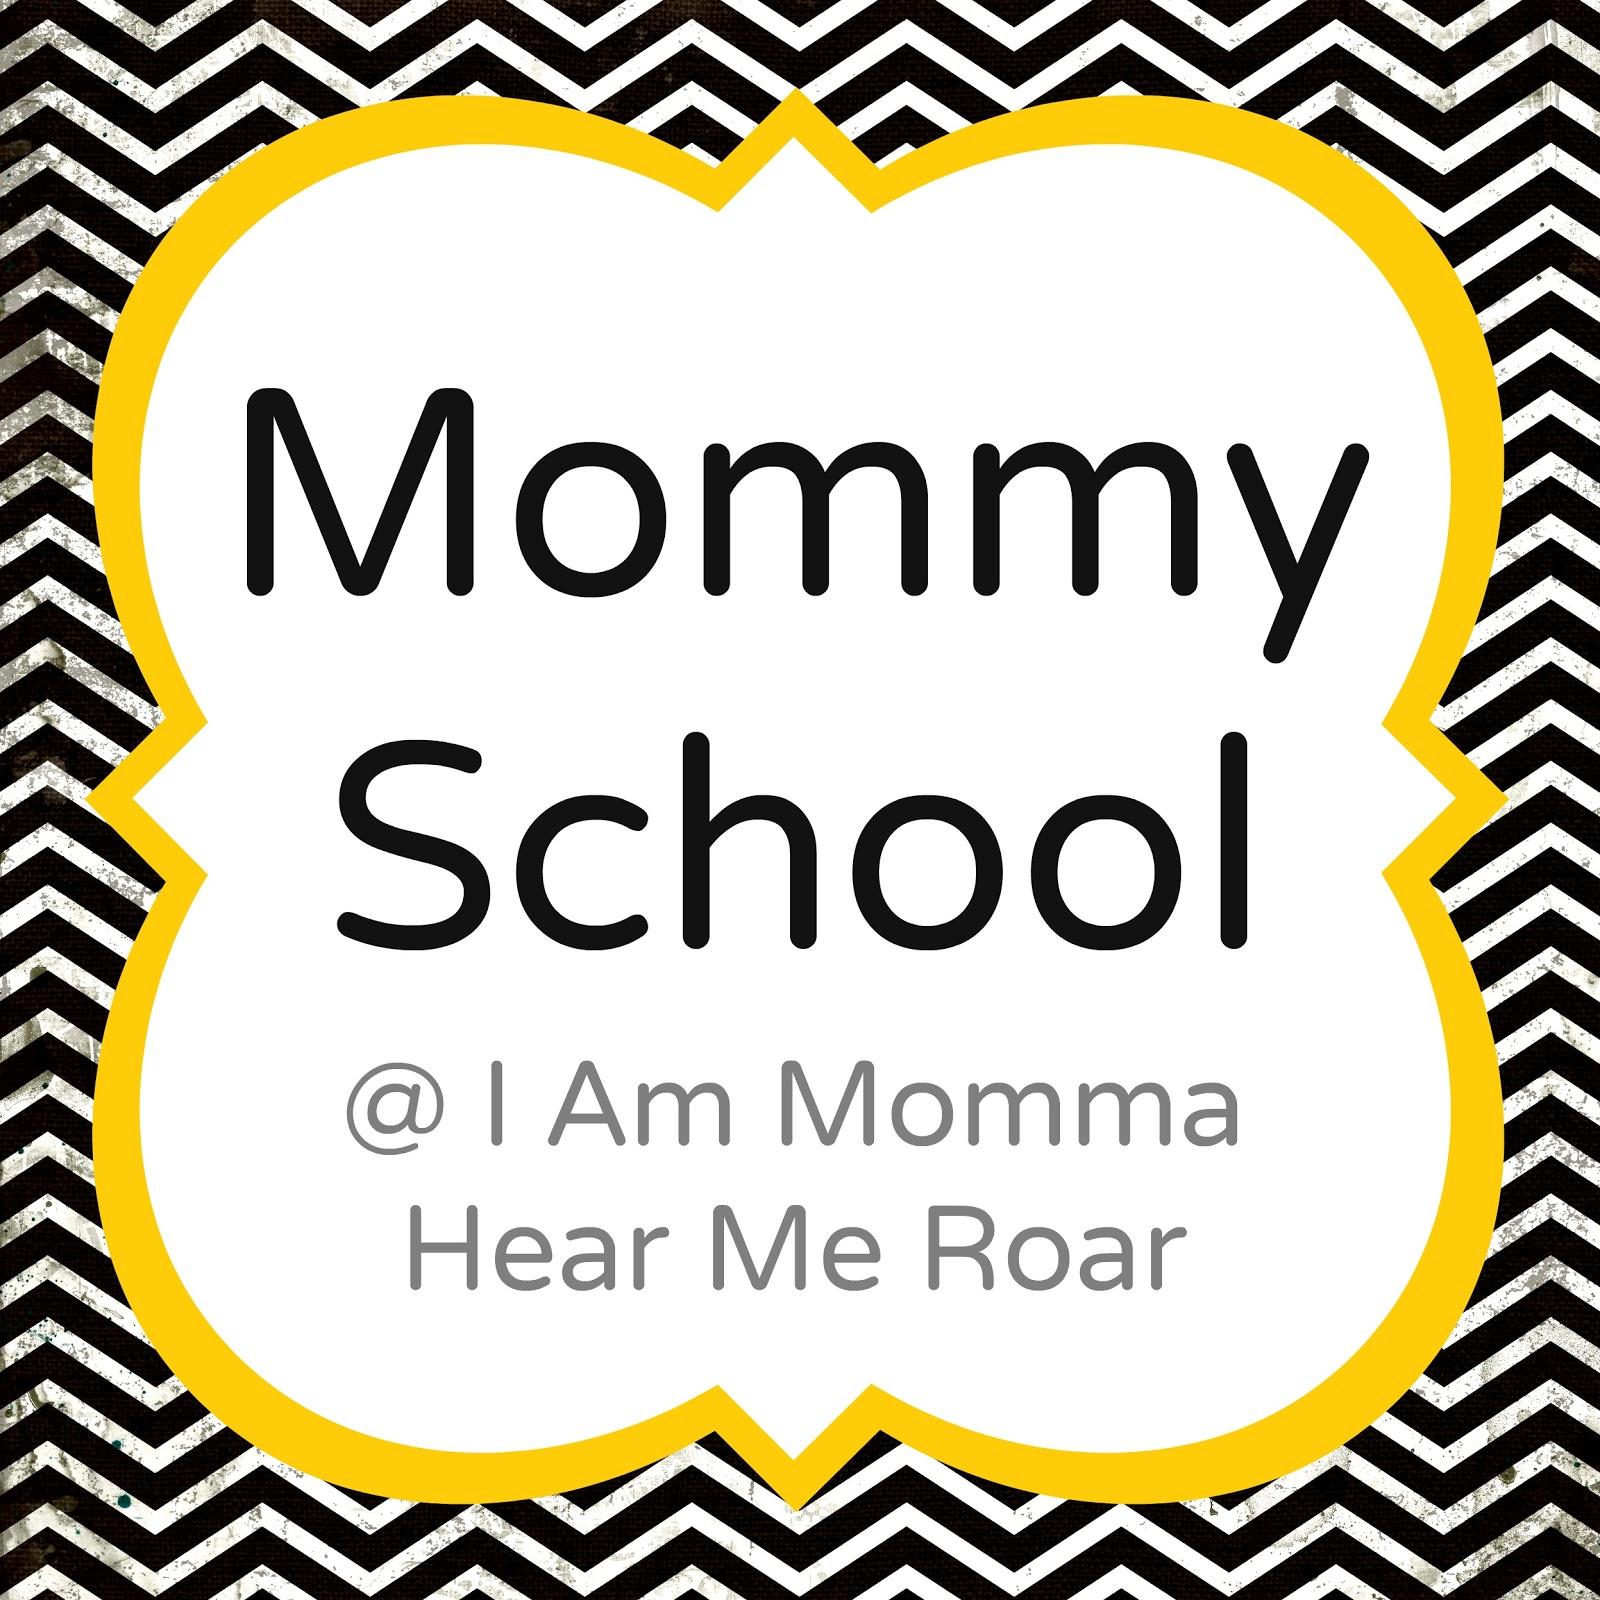 I Am Momma - Hear Me Roar: Mommy School - Summer School Plan 1 - photo#45